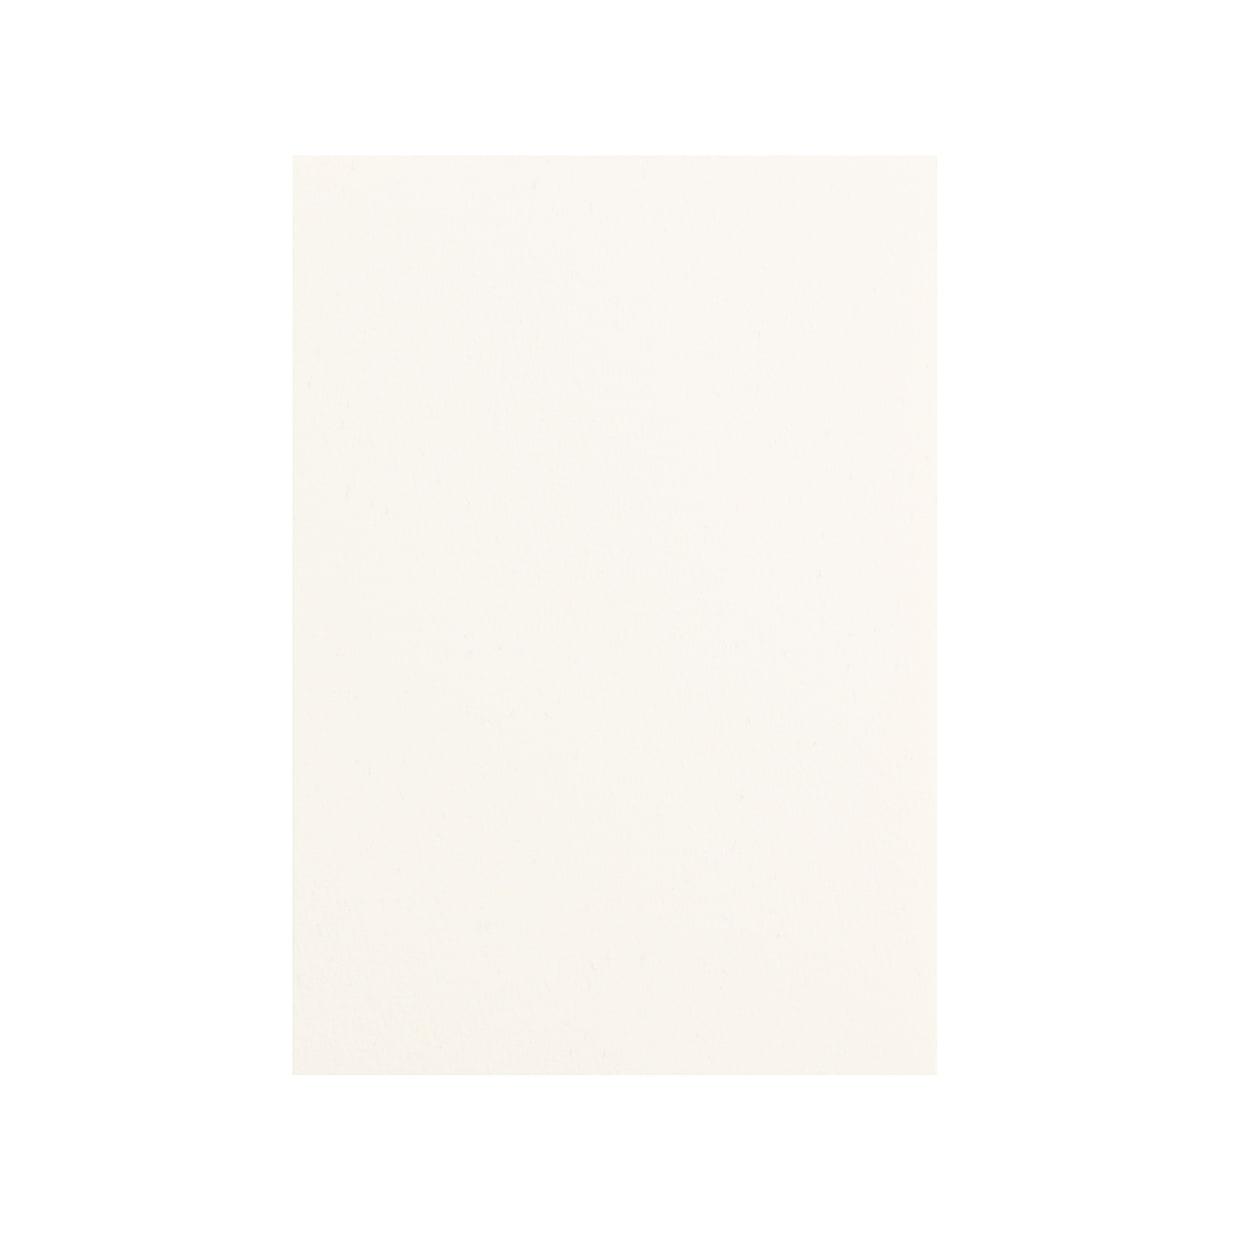 Pカード 星物語 シャーベット 174.5g